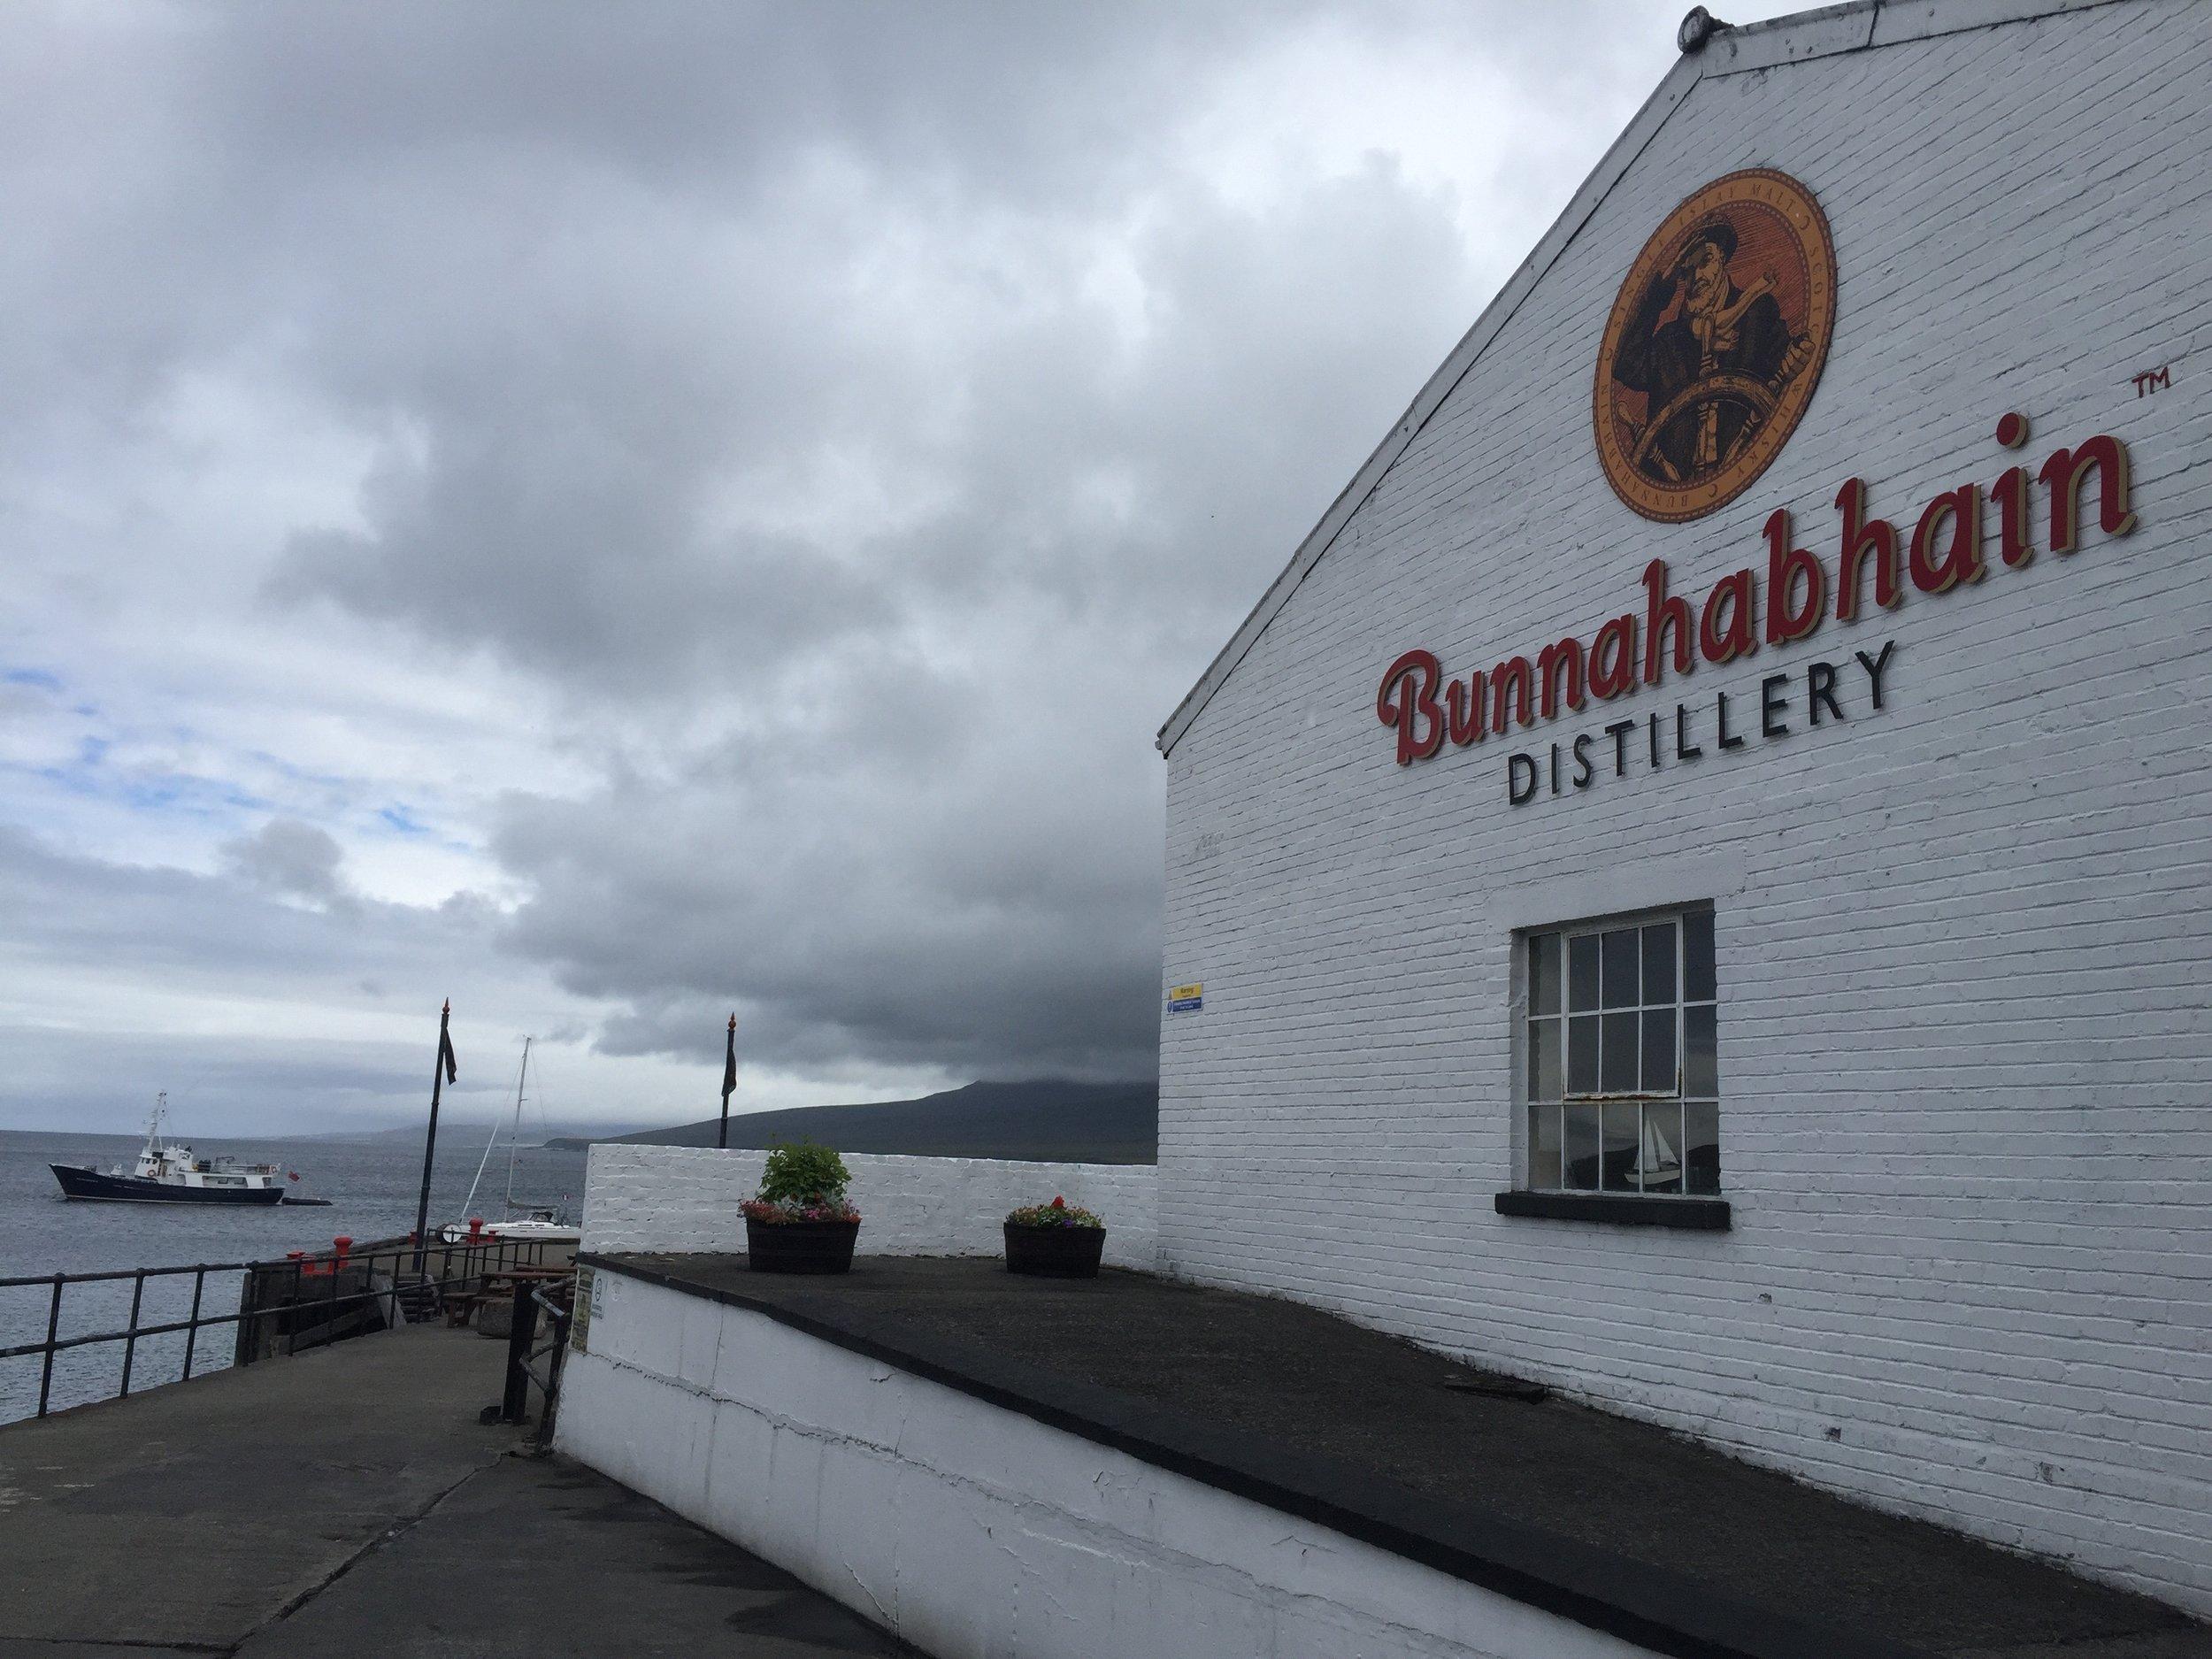 The View from Bunnahabhain Distillery